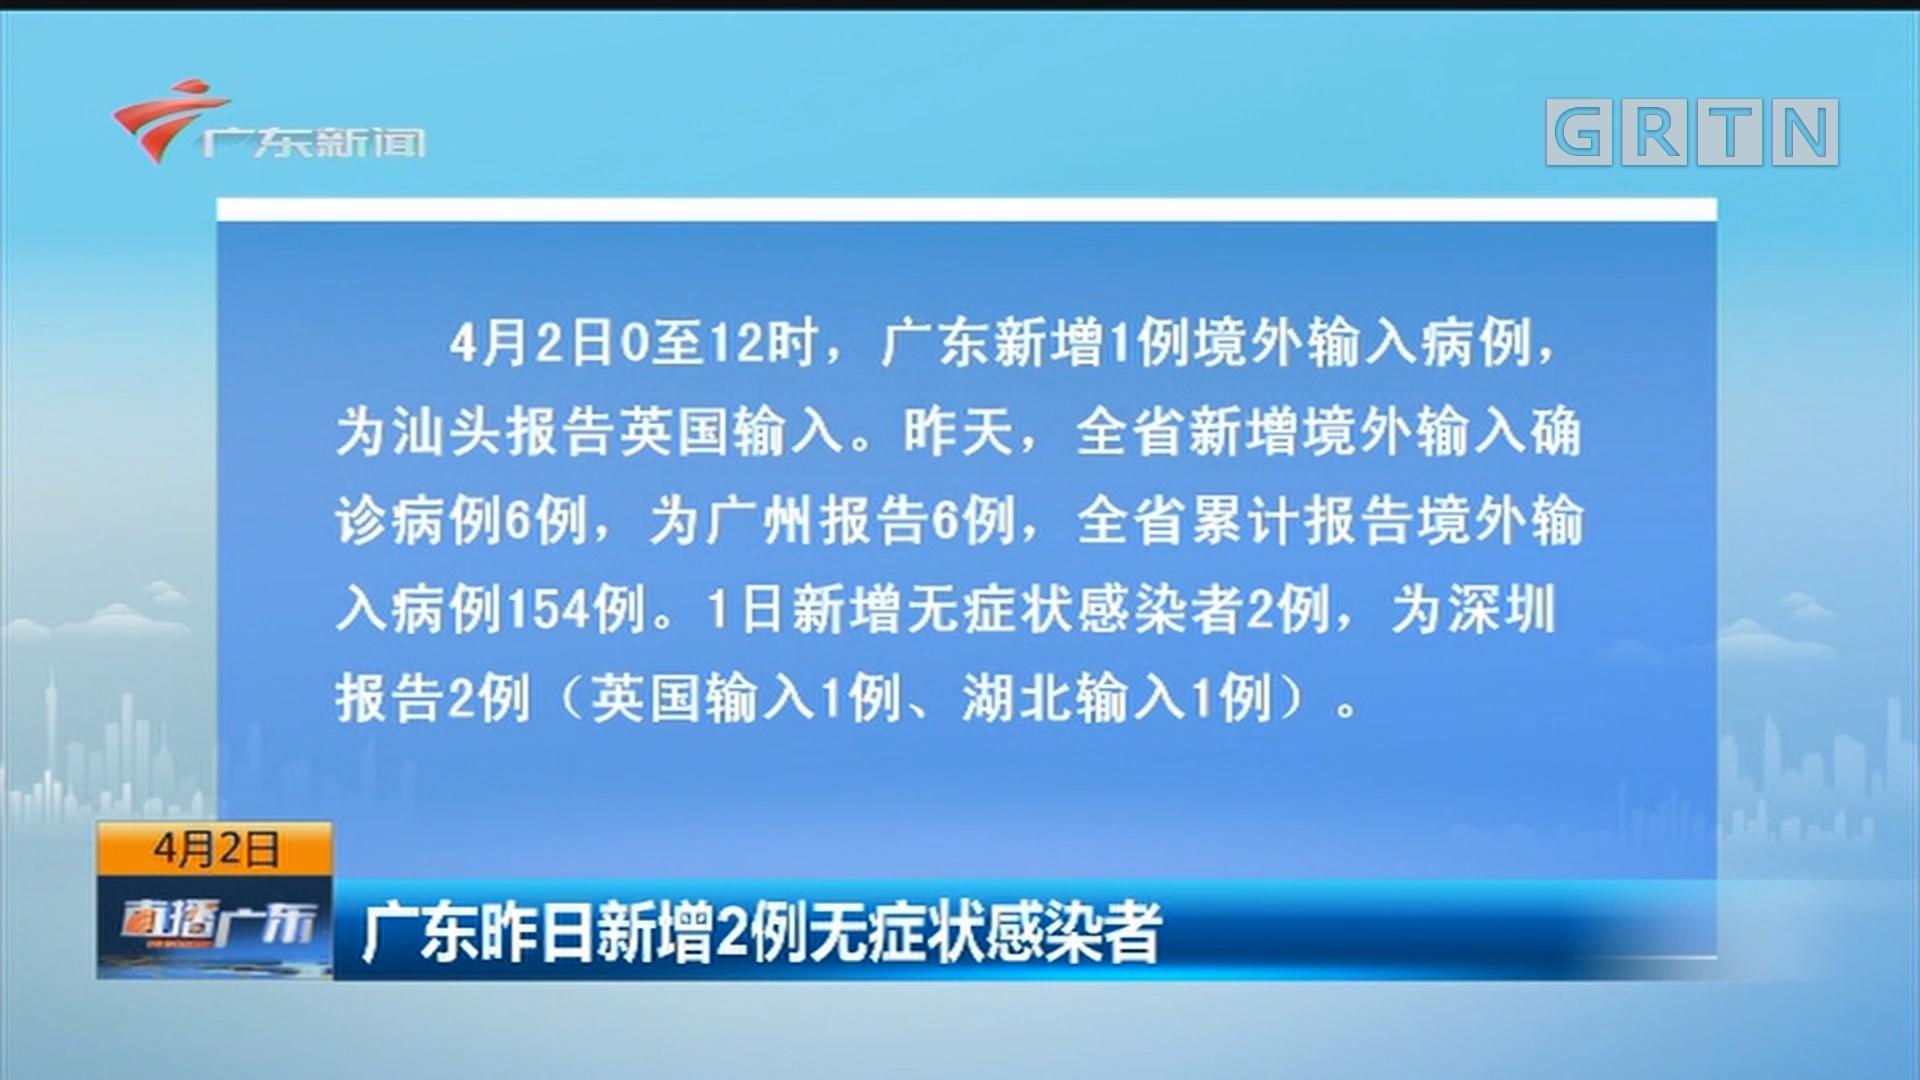 广东昨日新增2例无症状感染者